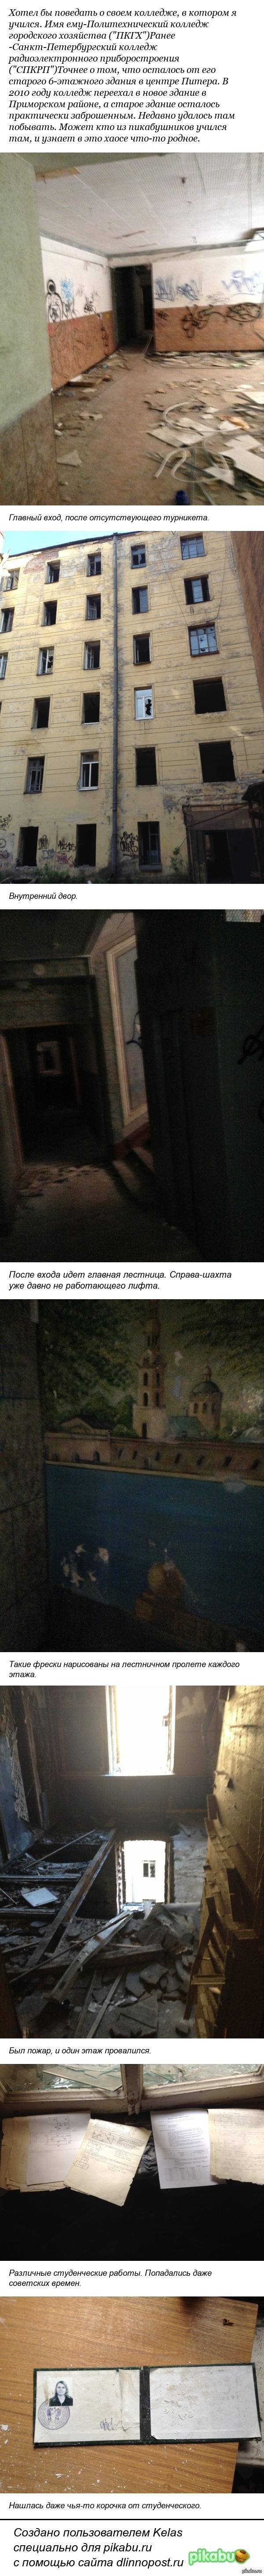 Заброшенное здание колледжа в Санкт-Петербурге